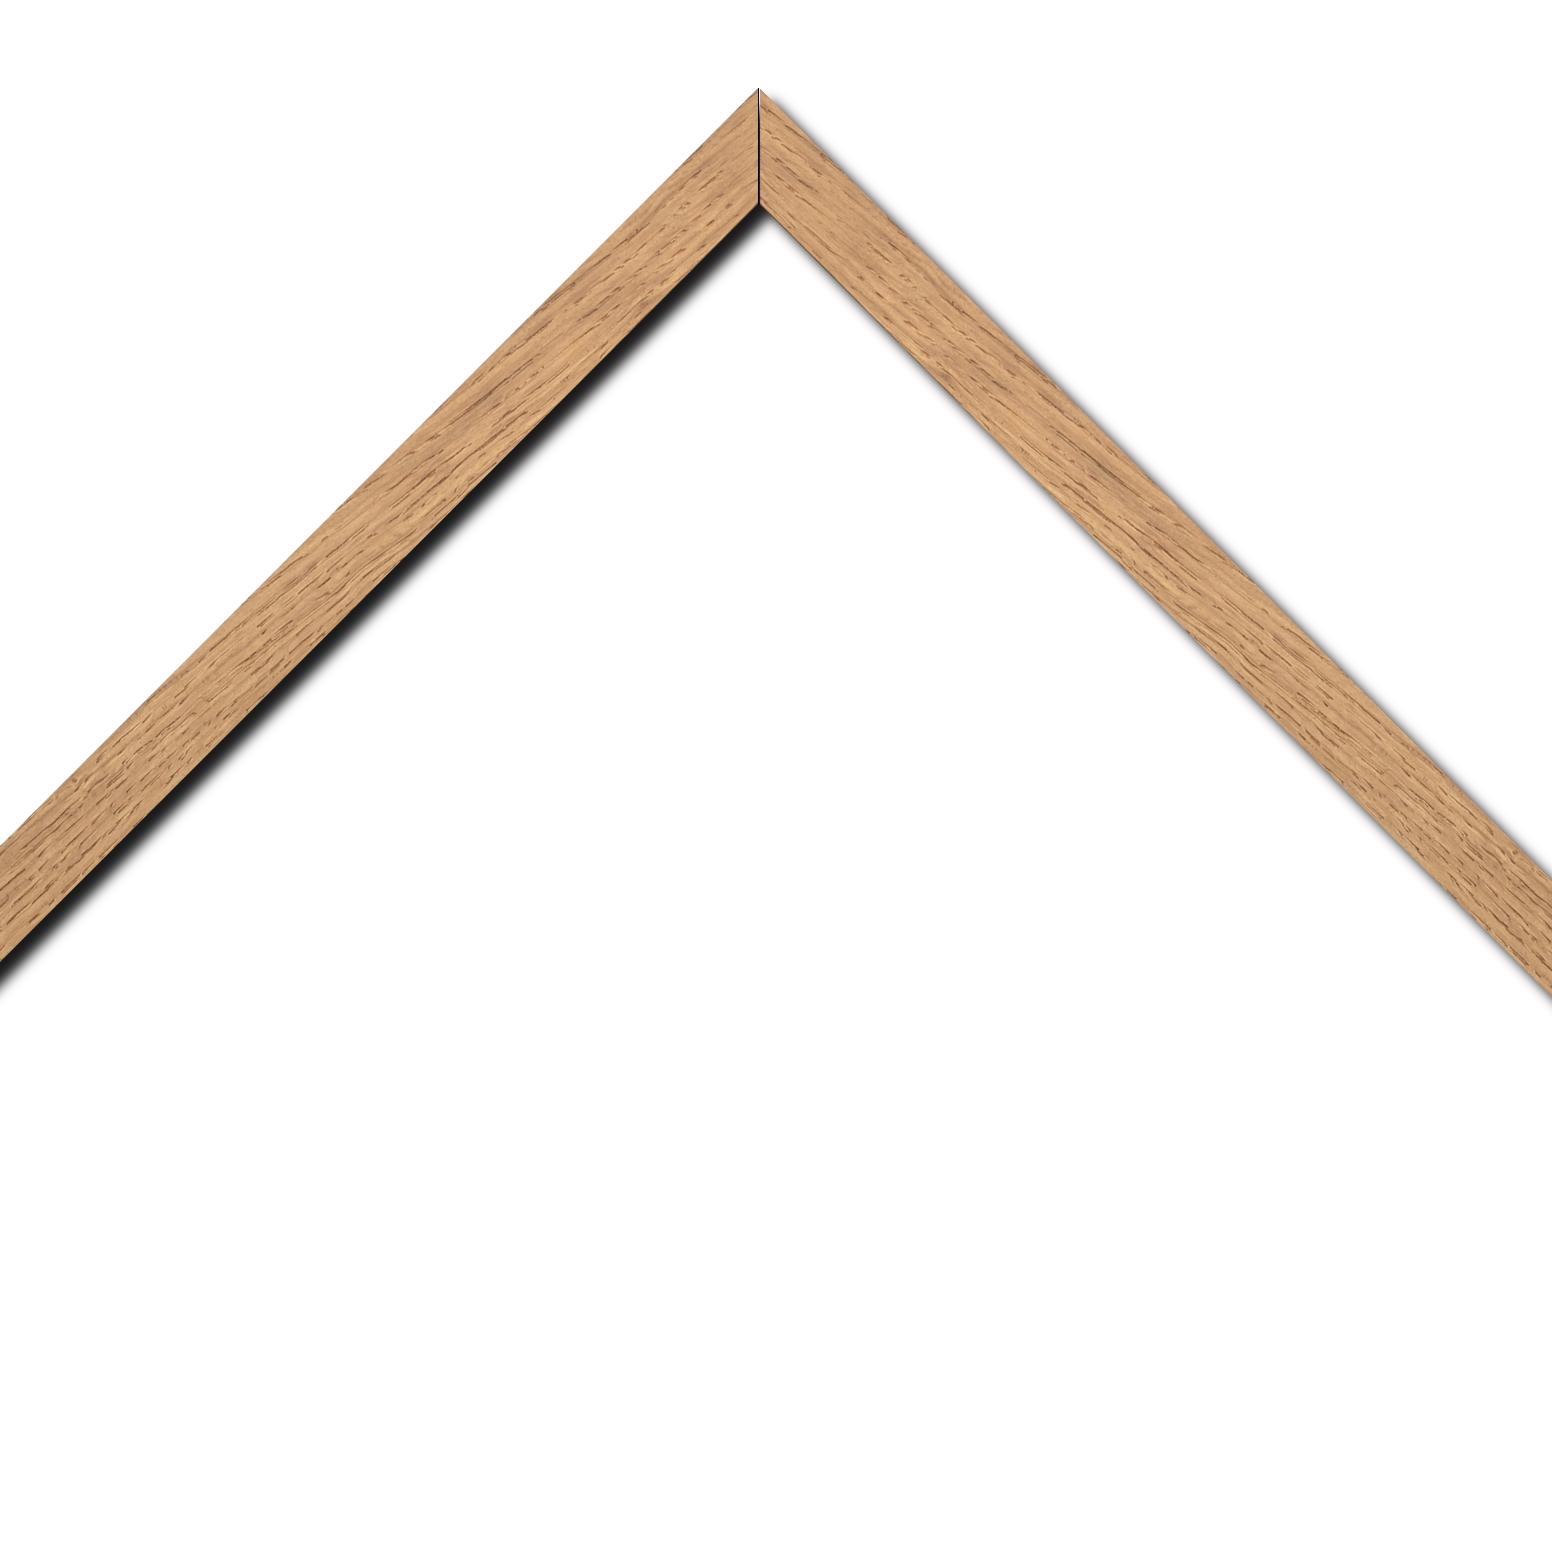 Baguette bois profil plat largeur 2cm chêne massif naturel (non vernis)